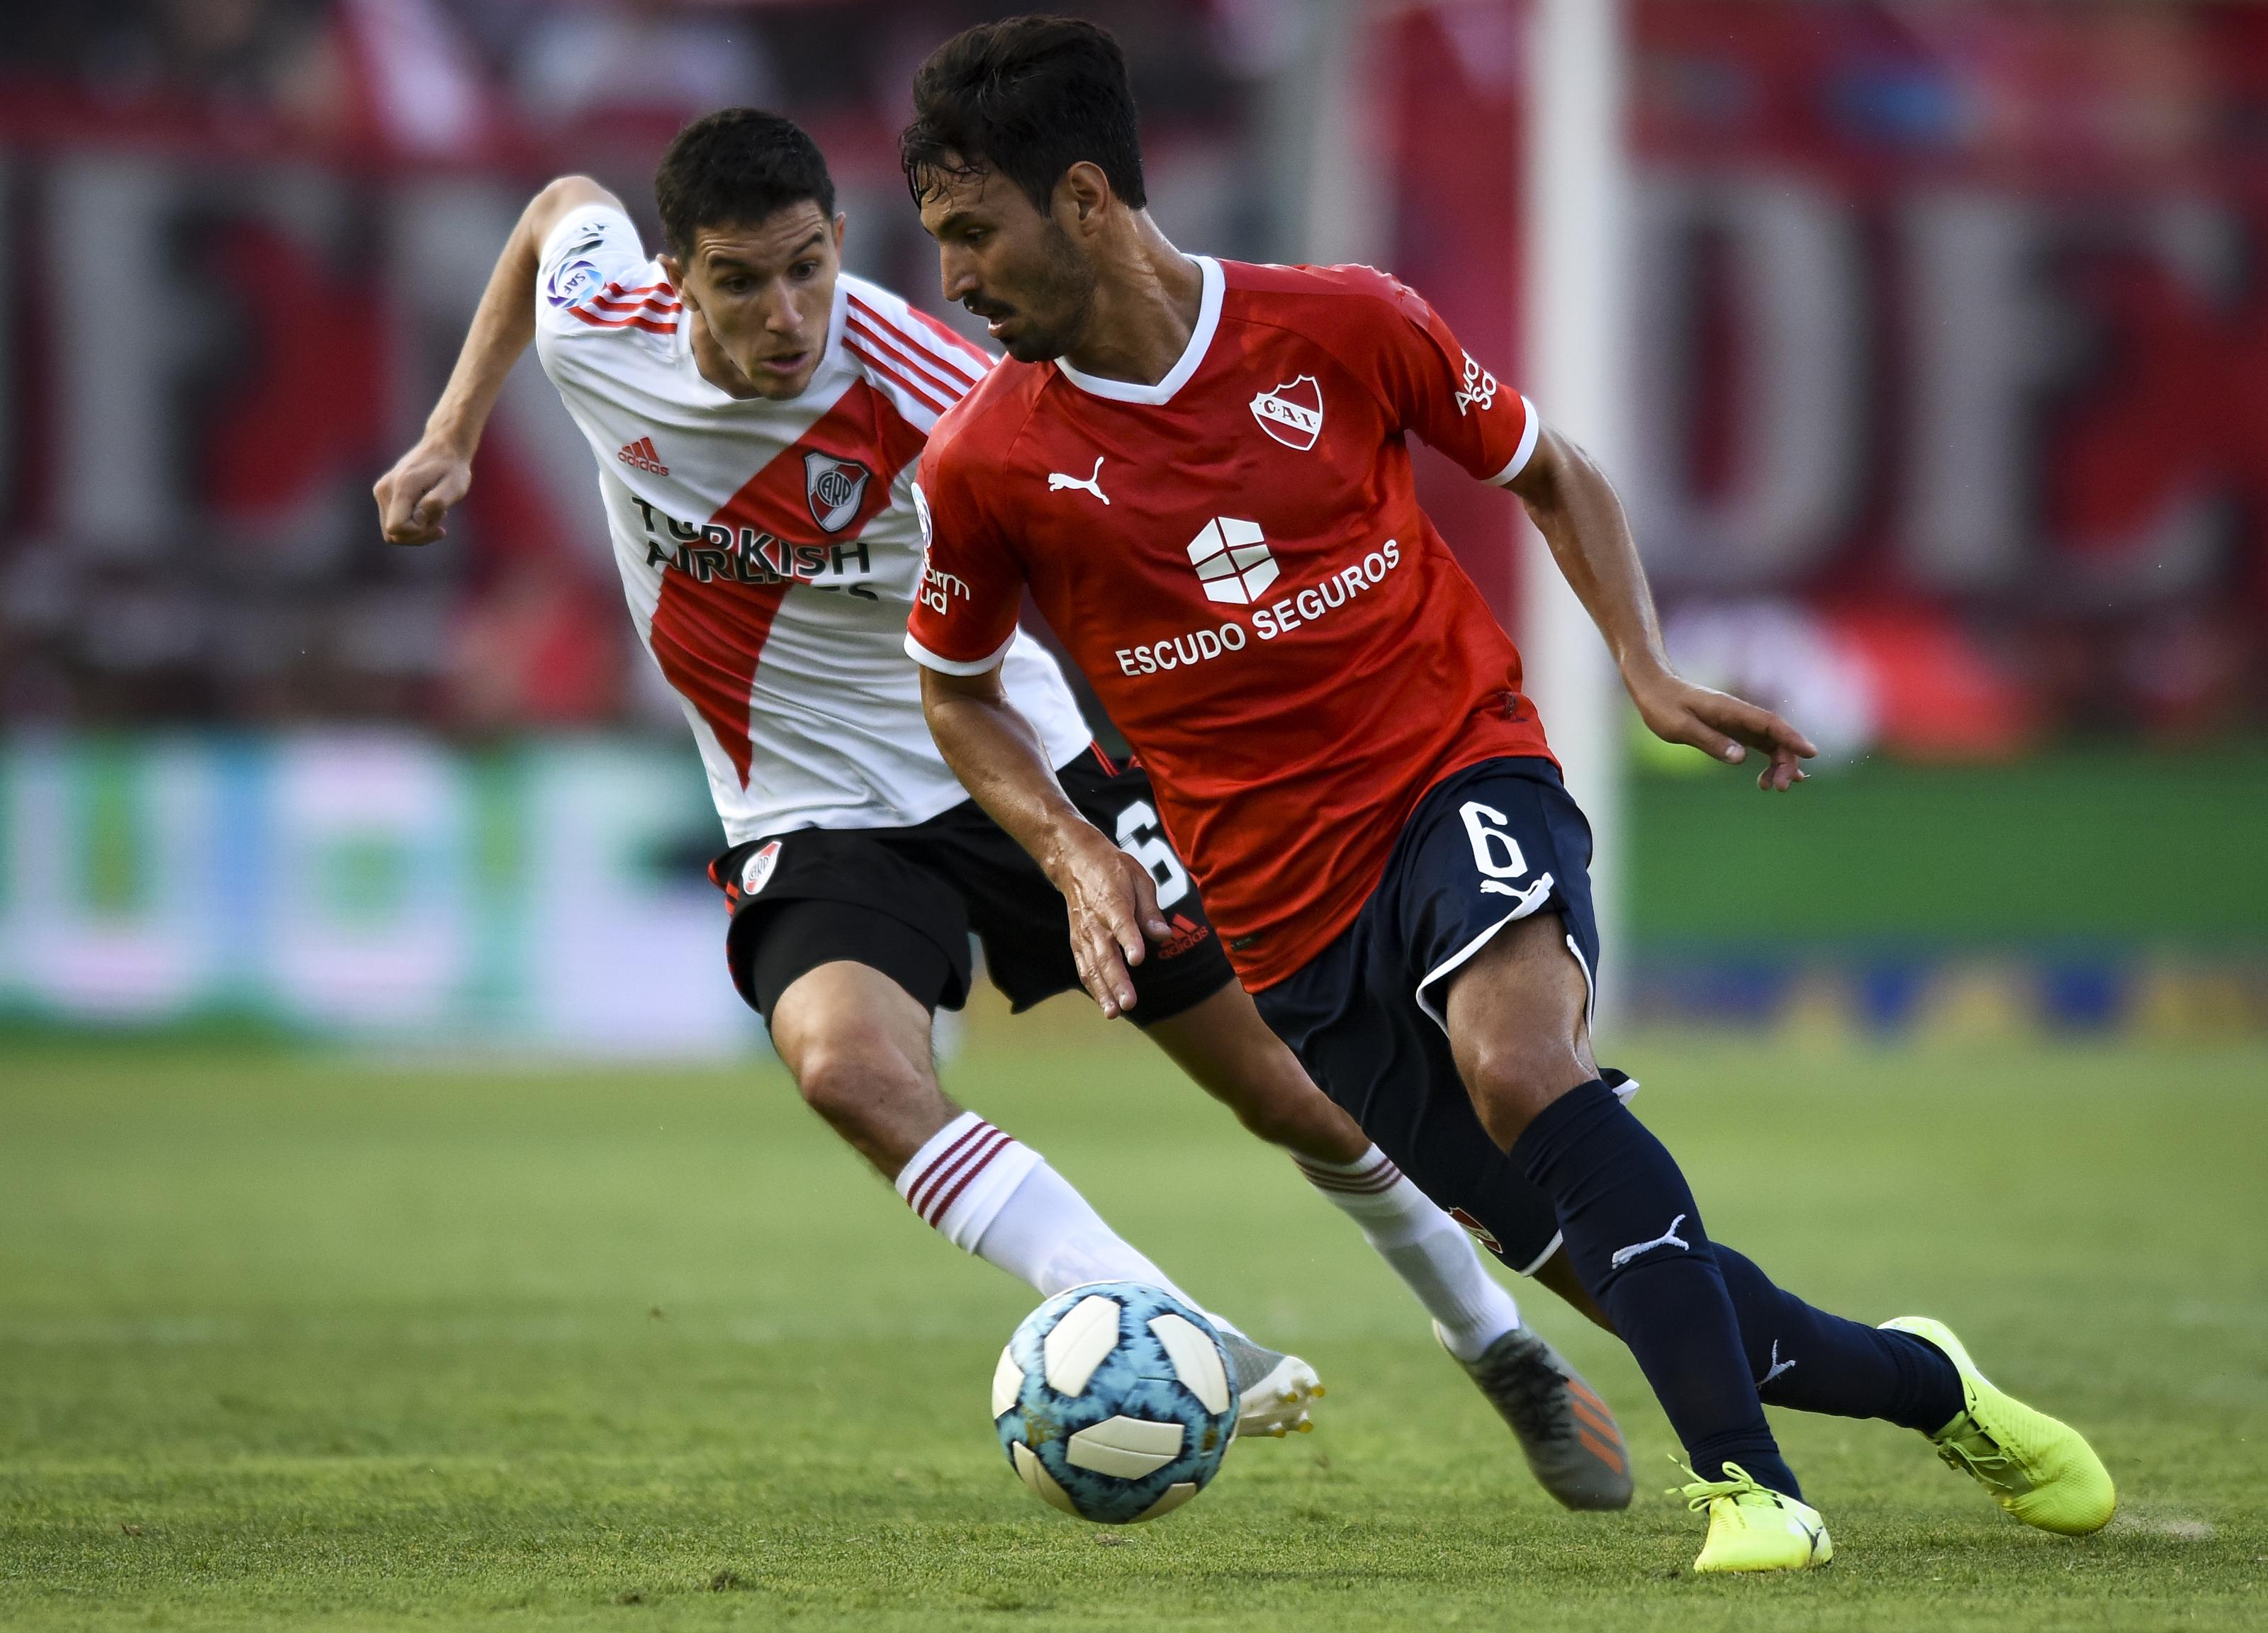 Independiente v River Plate - Superliga 2019/20